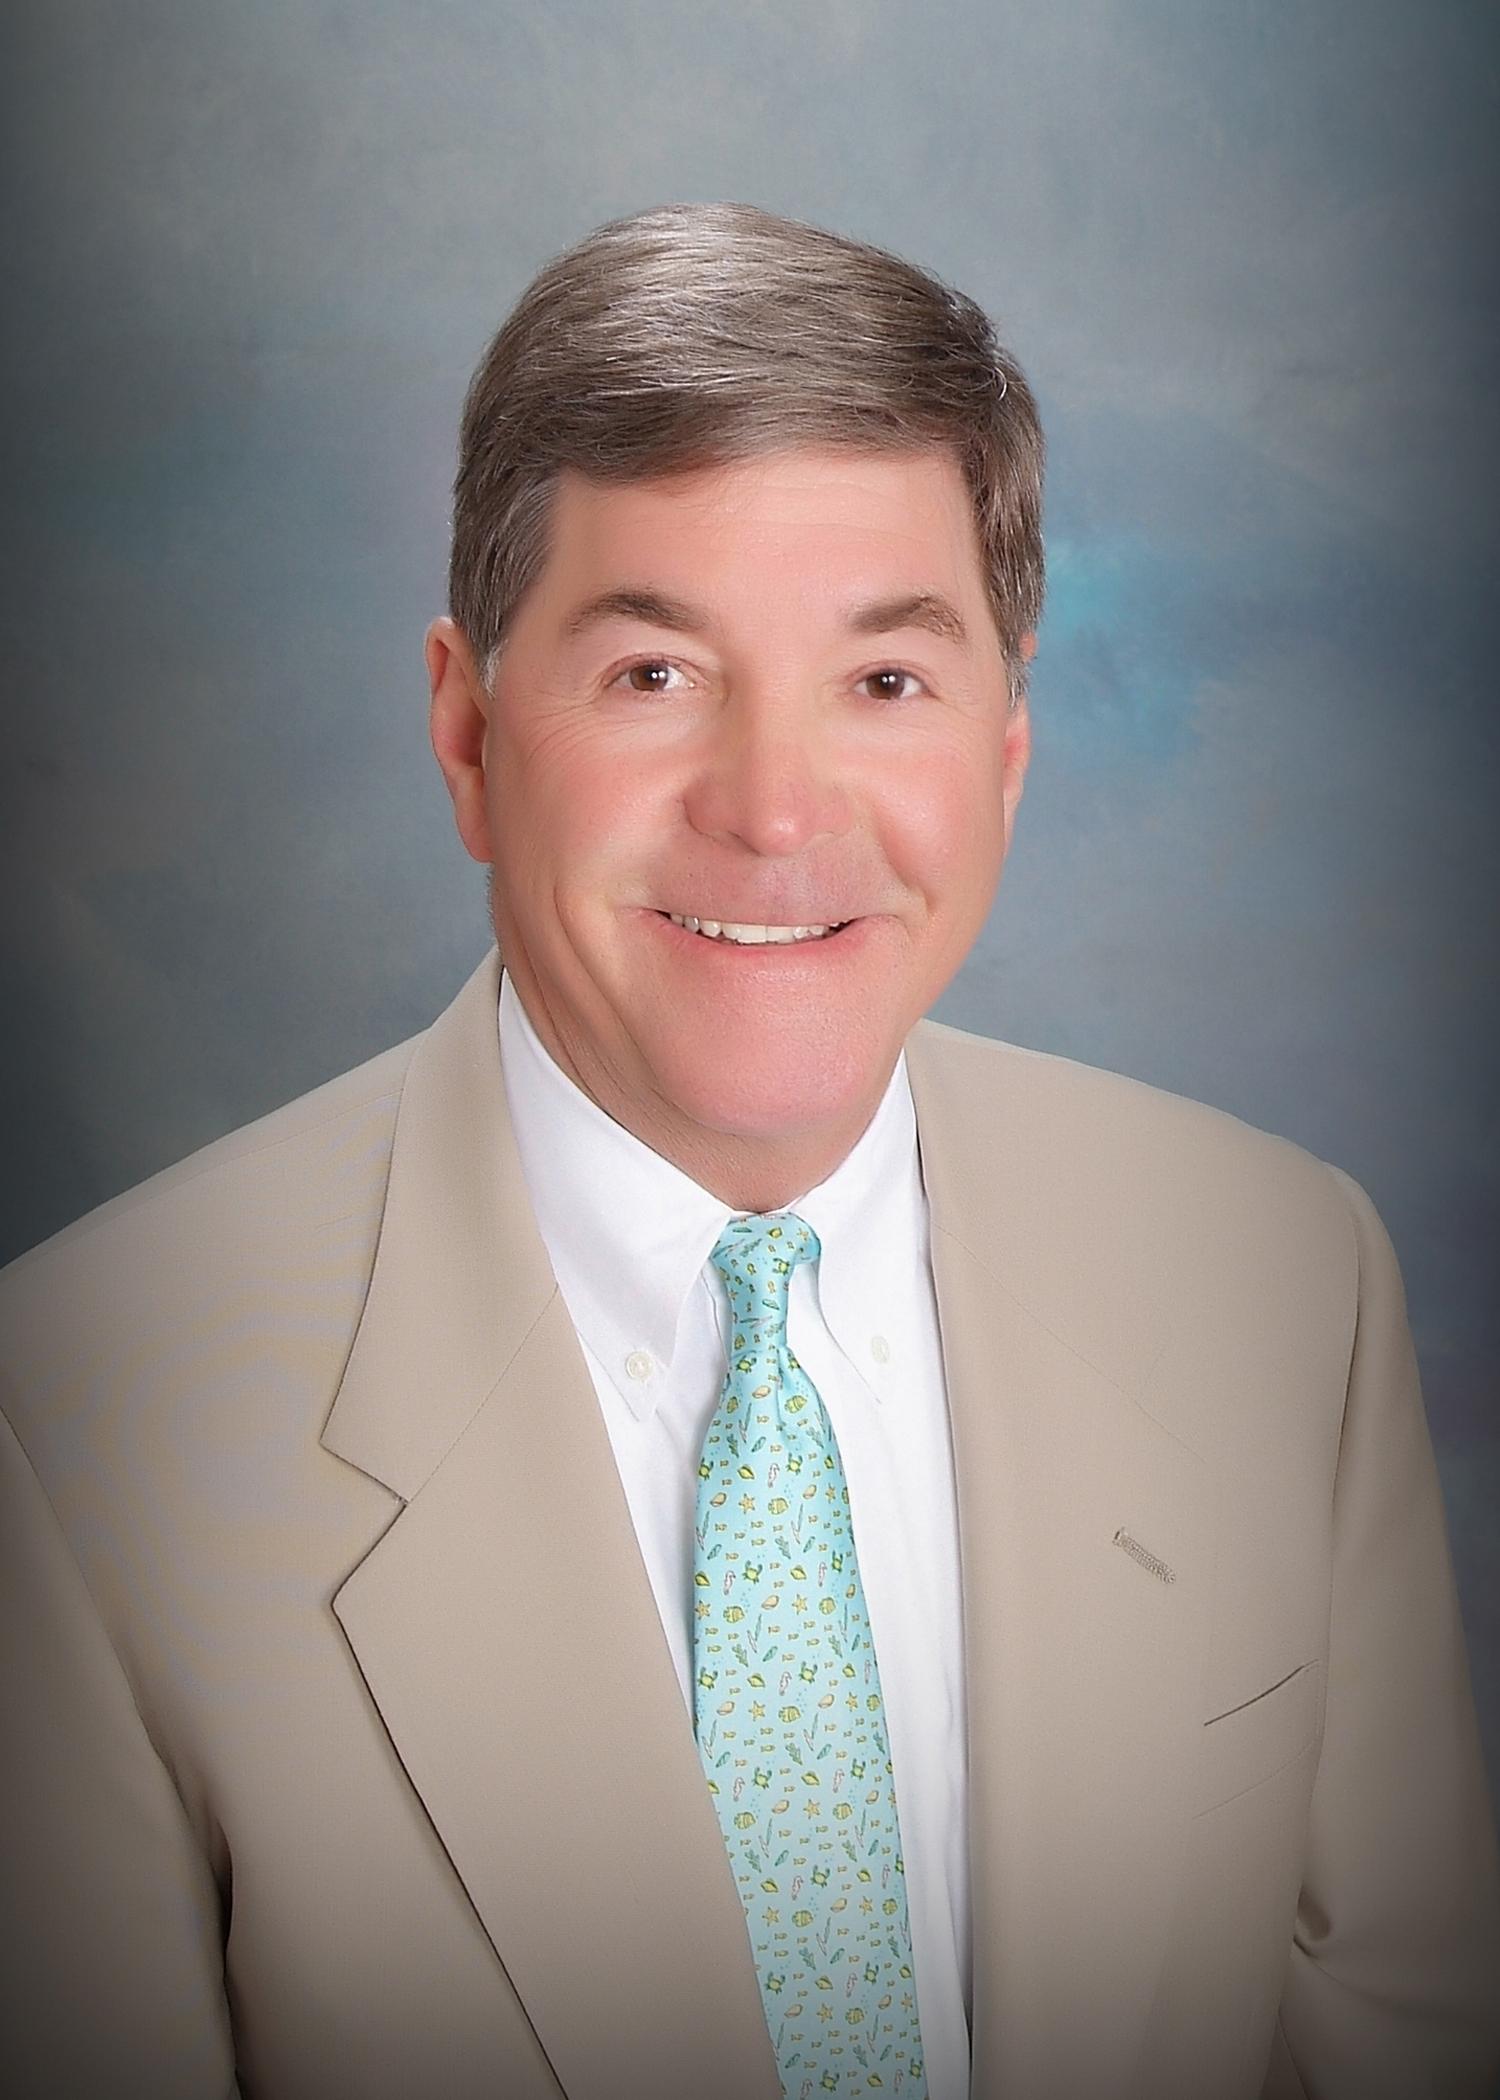 C. Thomas Hopkins, Jr., MD